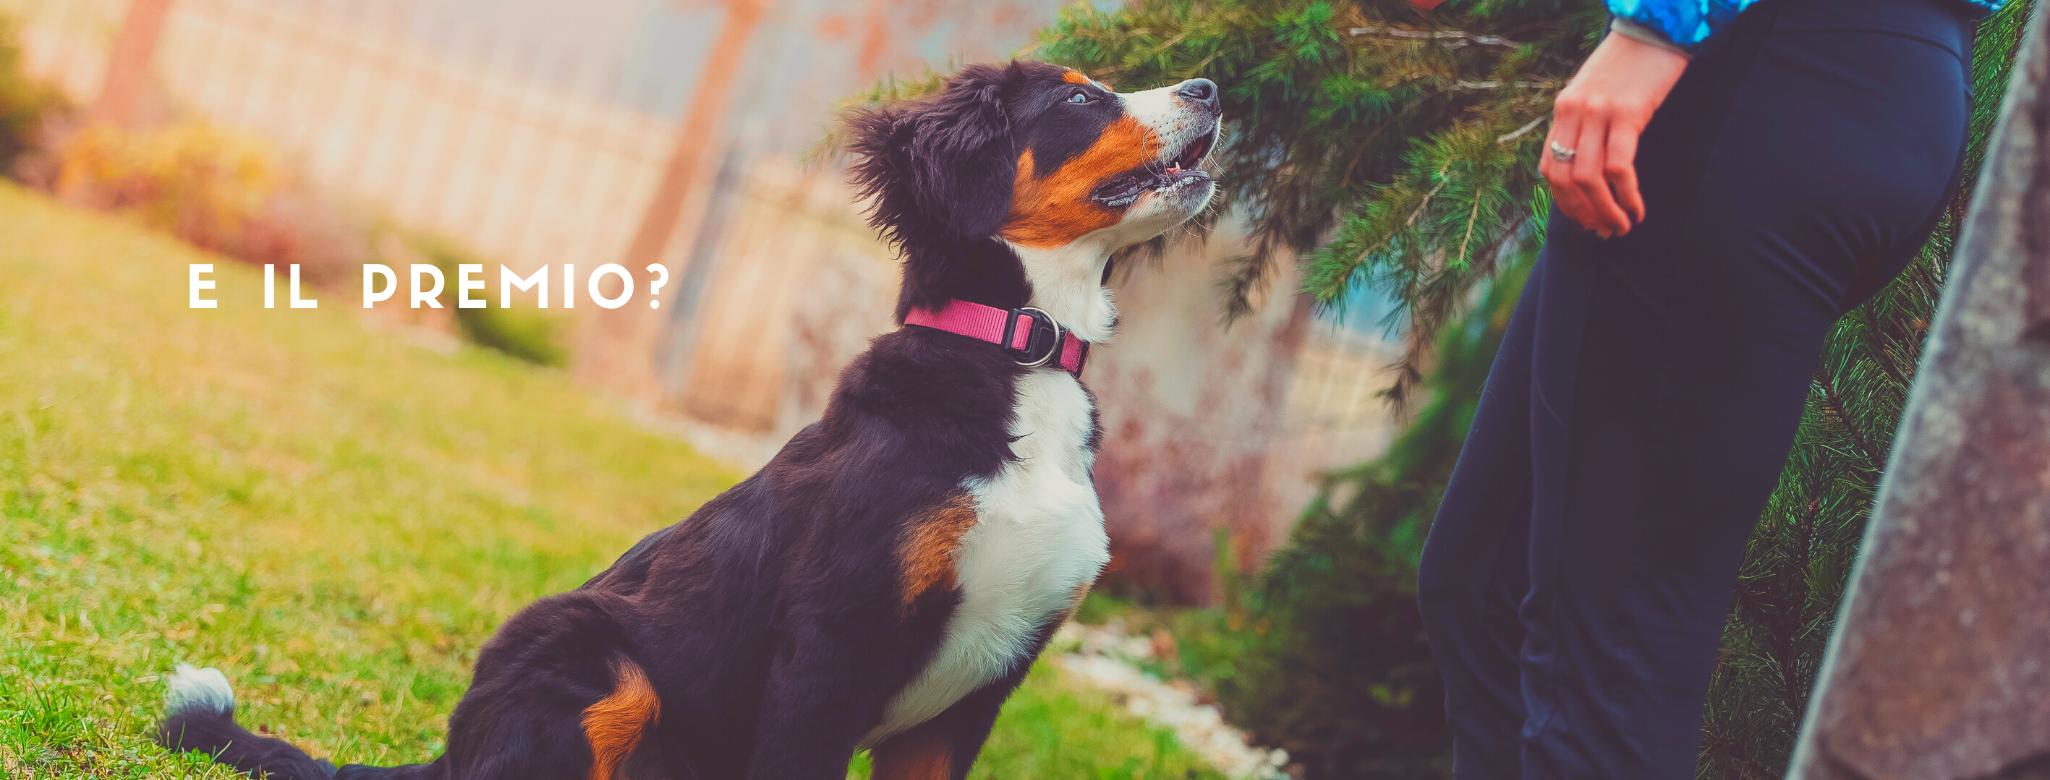 foto di un cane in attesa del premio dal padrone